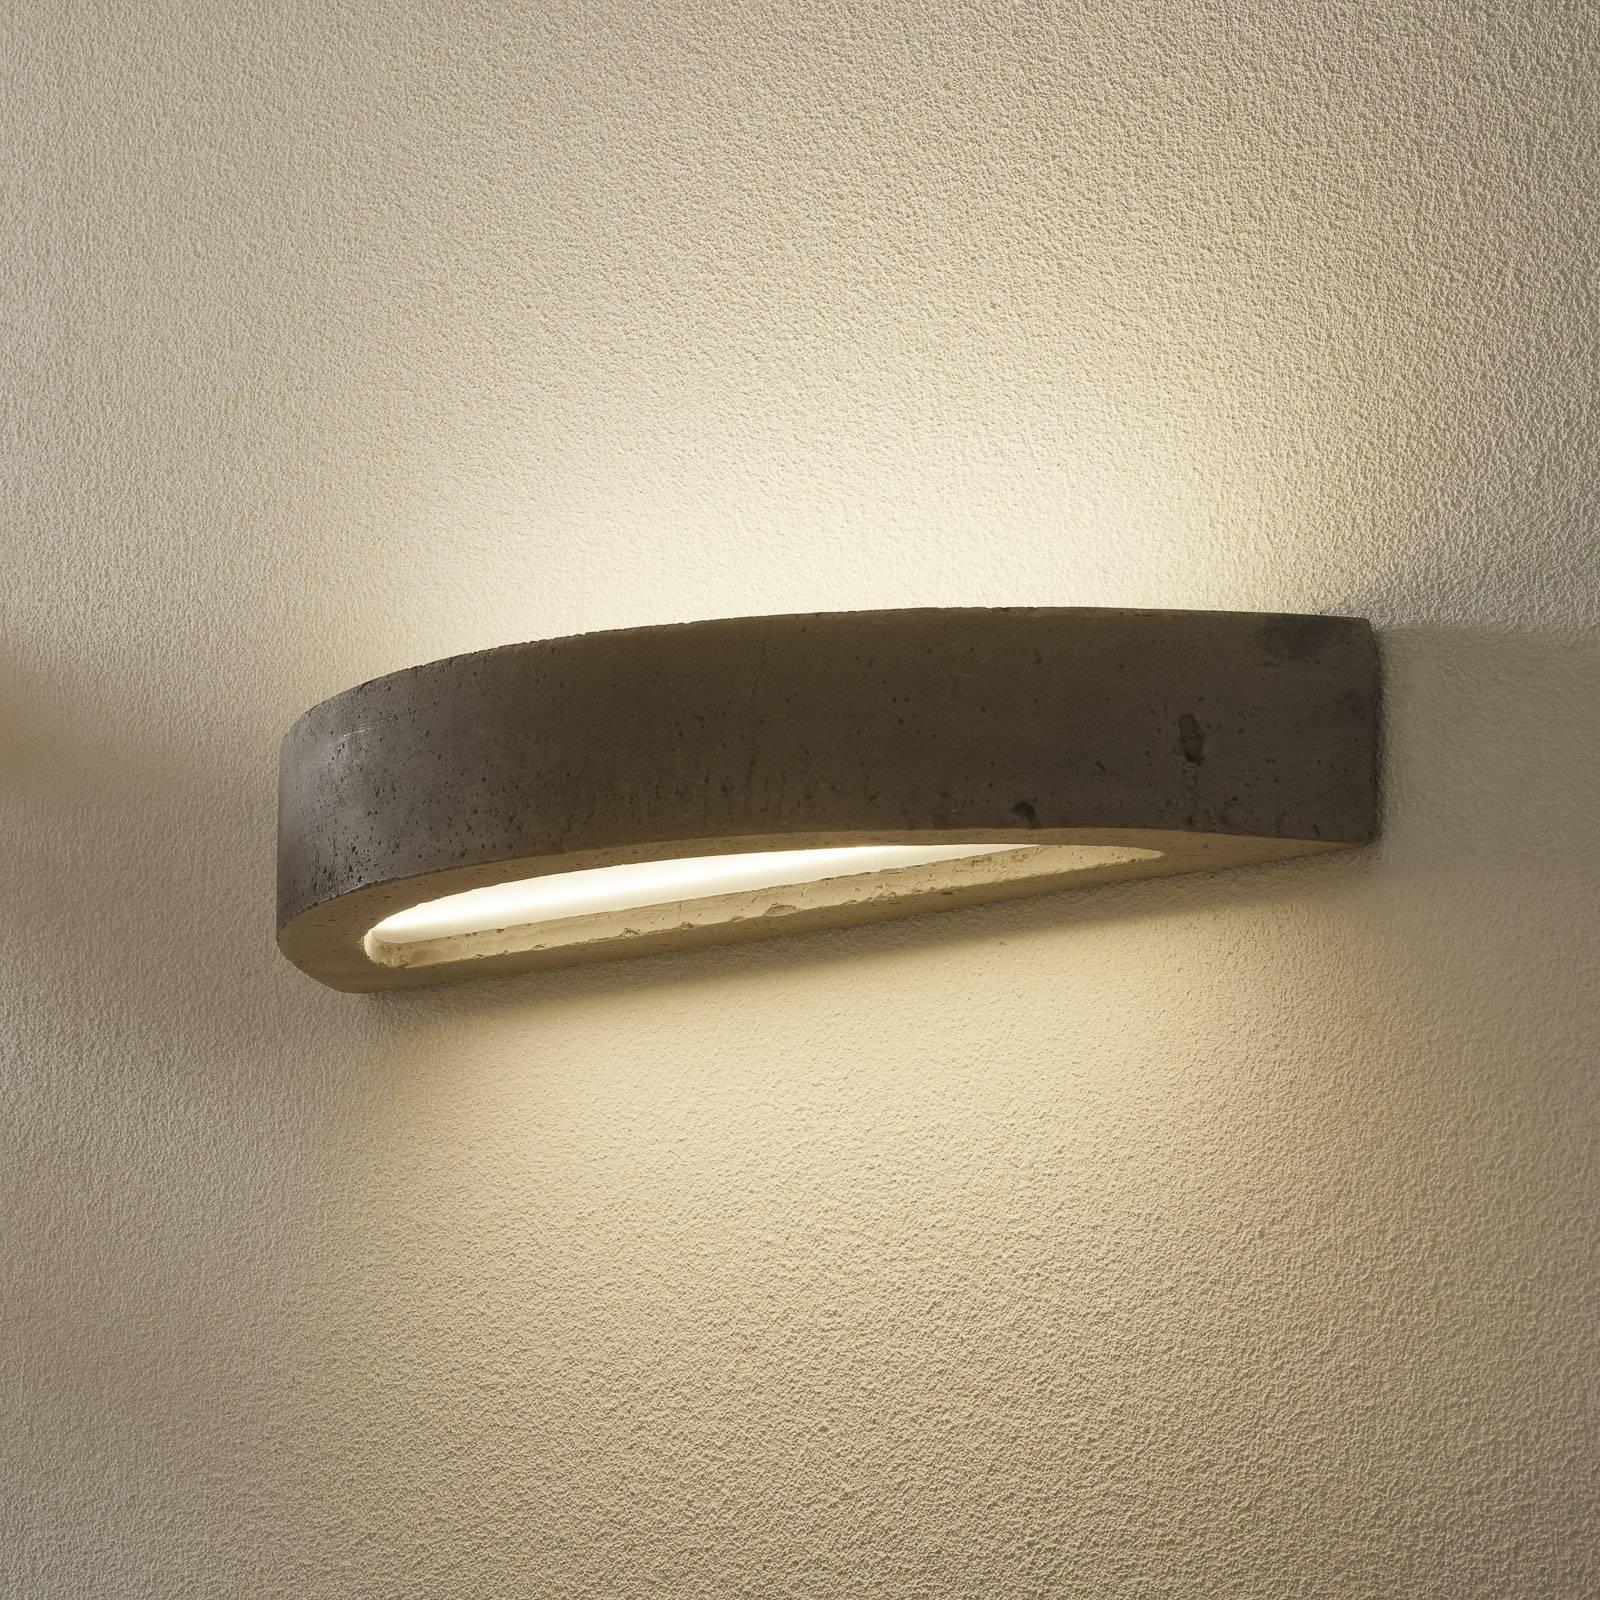 LED-seinävalo 2455 betoni, 3 000 K, himmennettävä